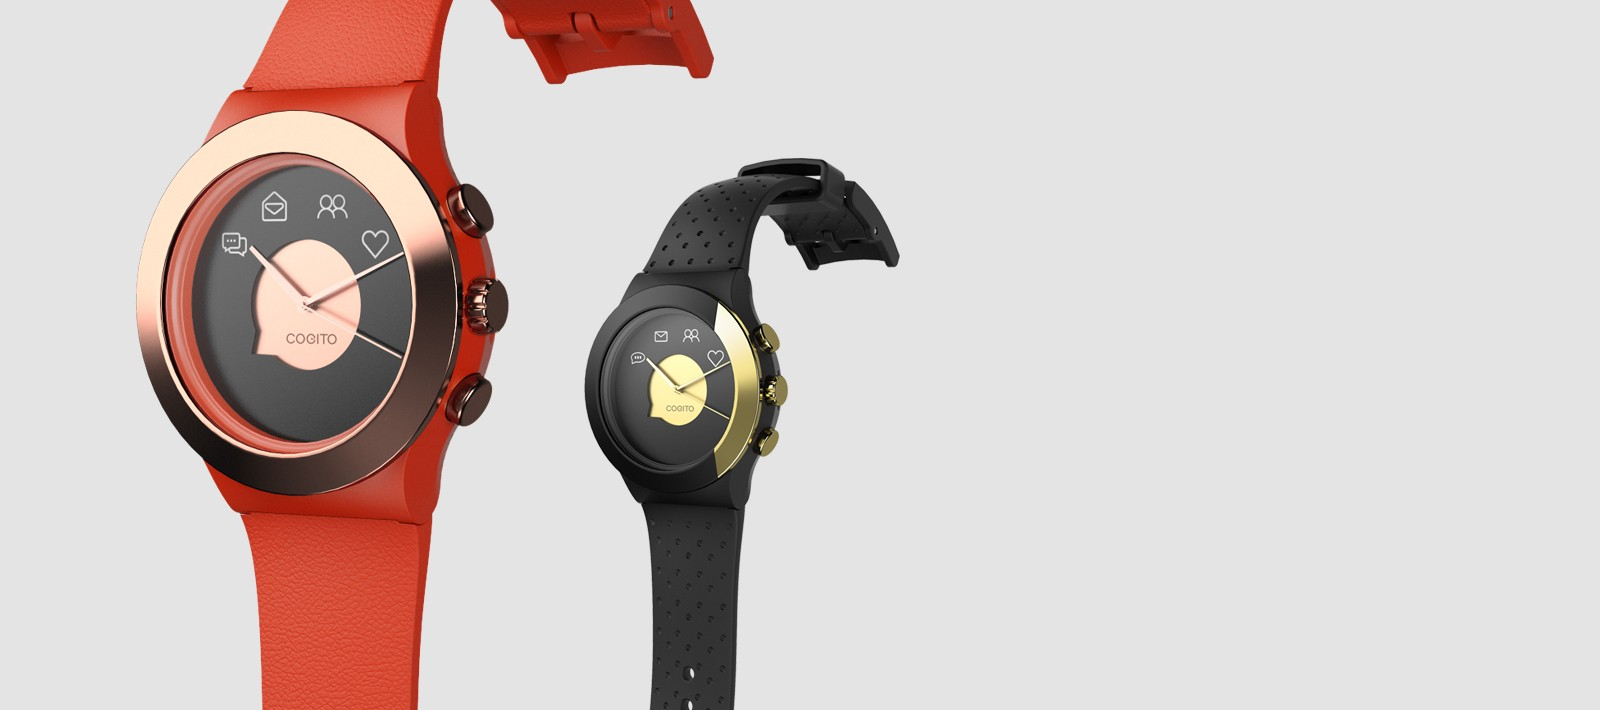 Fashion/tech product design for Cogito